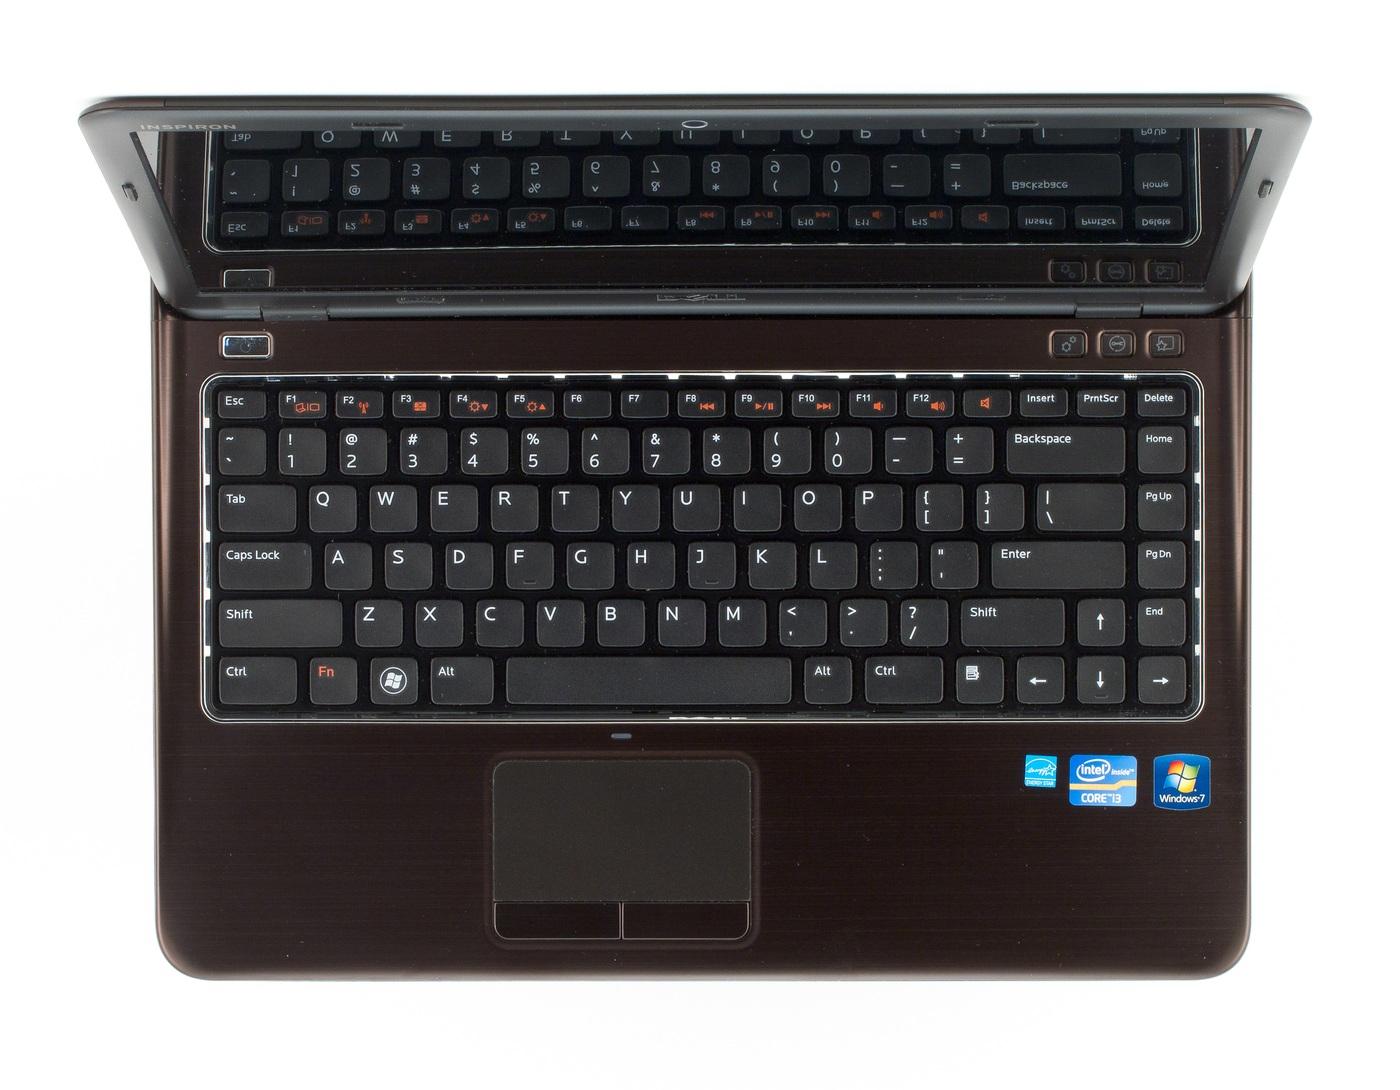 раскладка клавиатуры фото ноутбук фотографическому искусству возник